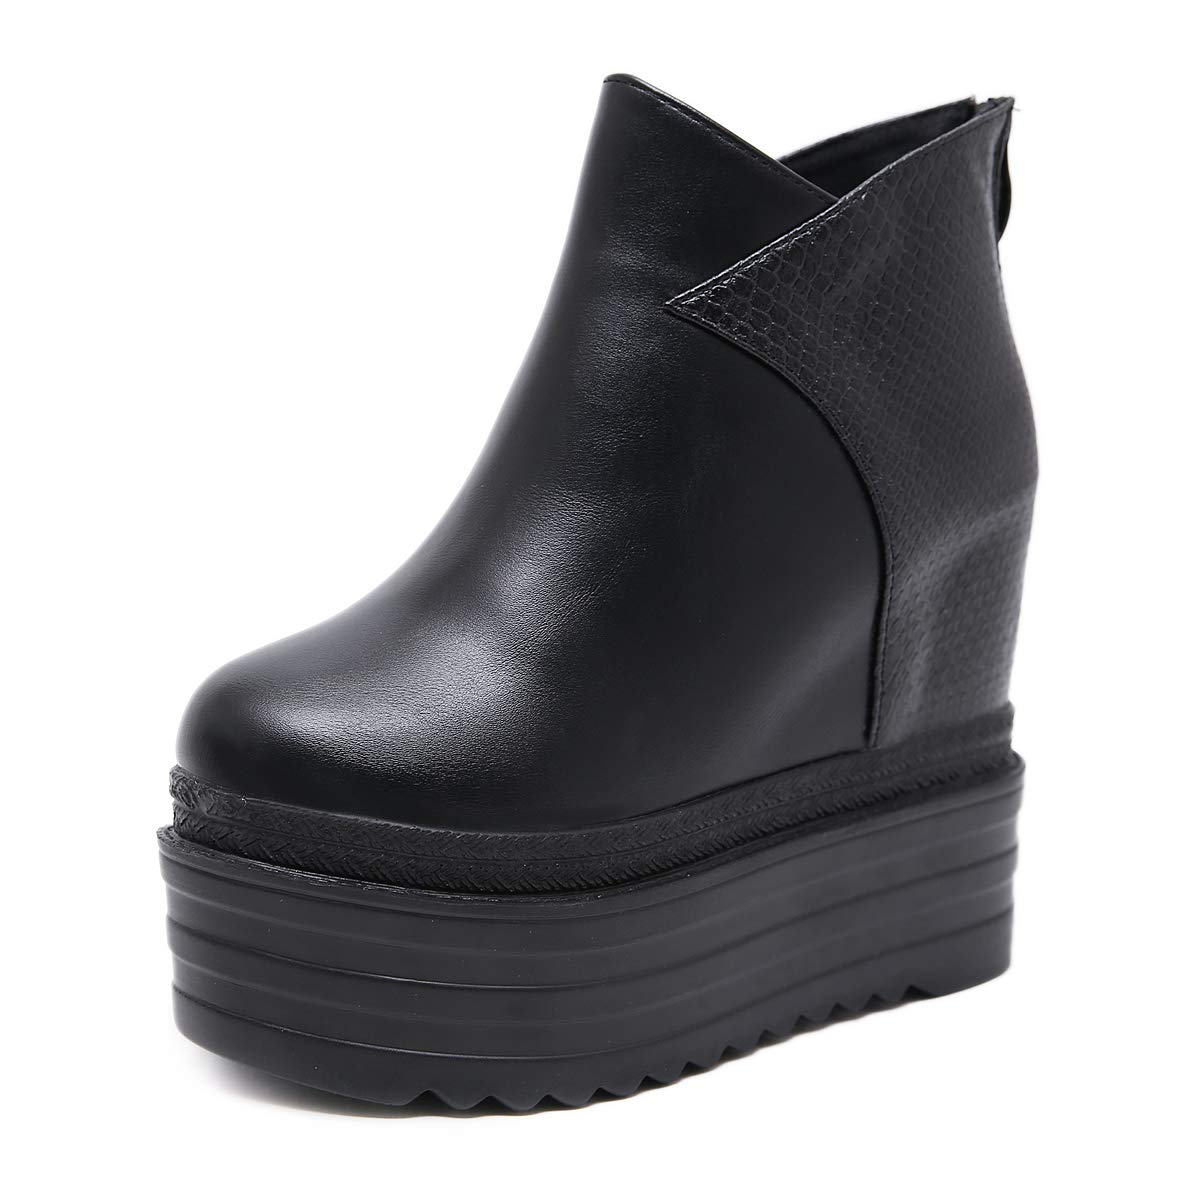 HBDLH Damenschuhe Mode Slope Ferse Mit Hohen 13Cm Kurze Stiefel Dicke Hintern Muffin Super - High - Heels Nachtclubs Erhöhte Stiefel.